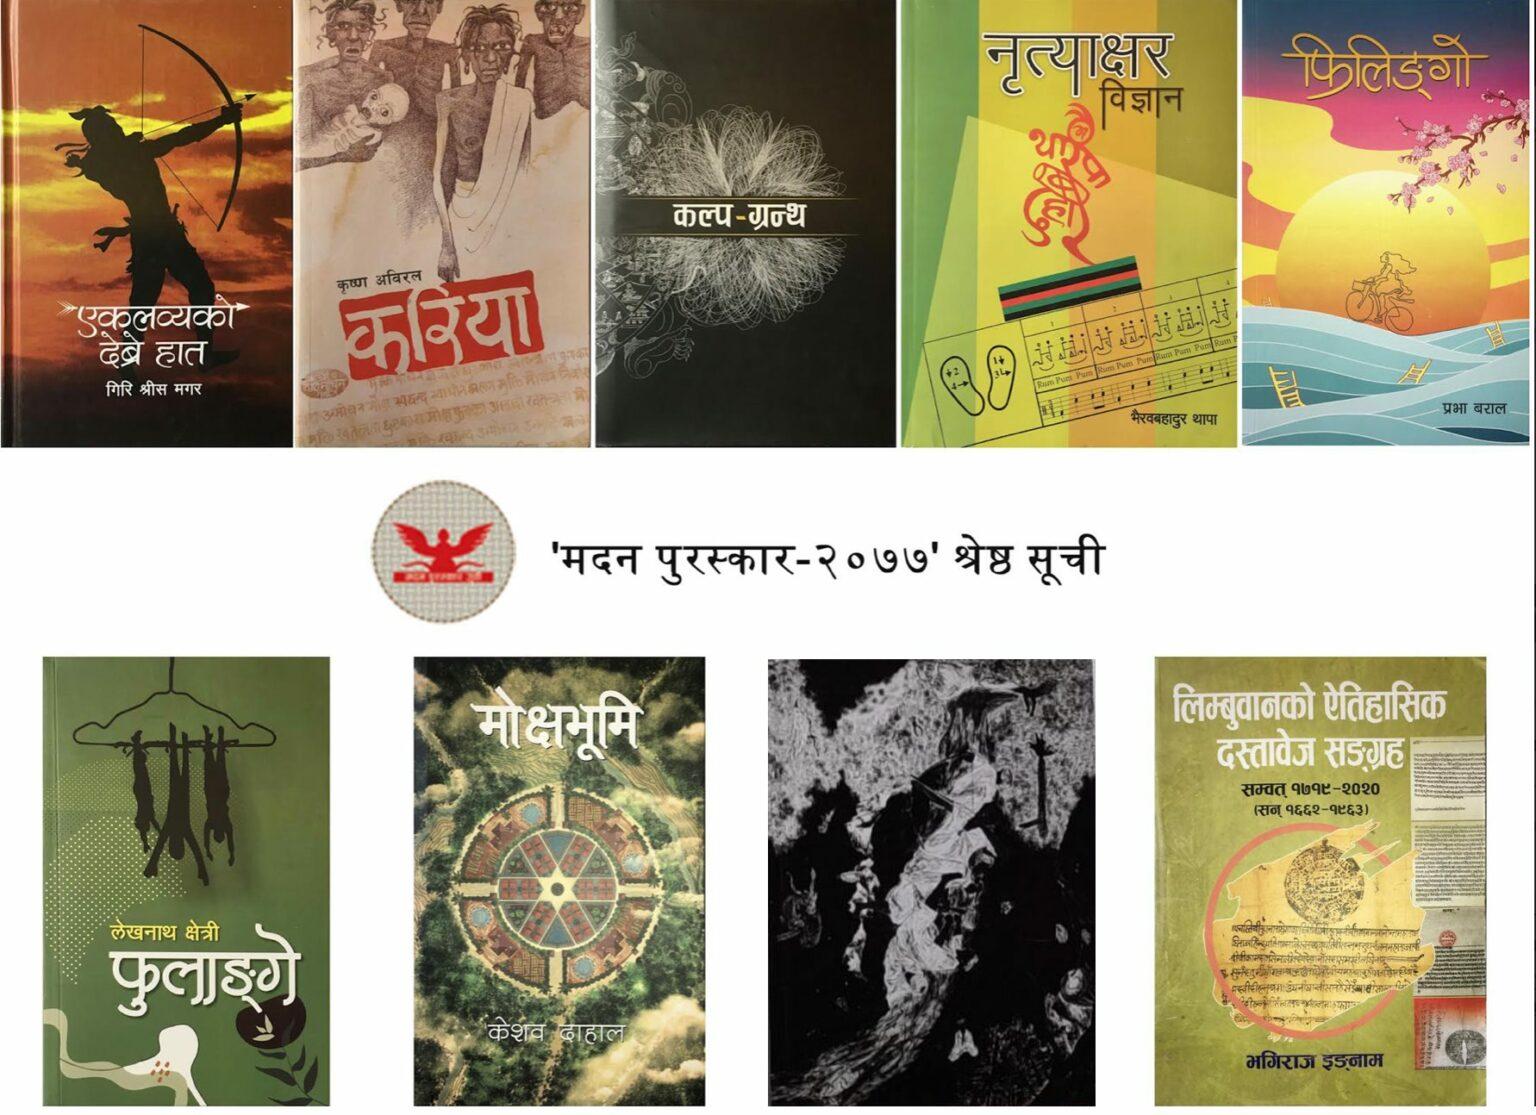 'मदन पुरस्कार'का लागि उत्कृष्ट नौ पुस्तकको मनोनयन सार्वजनिक